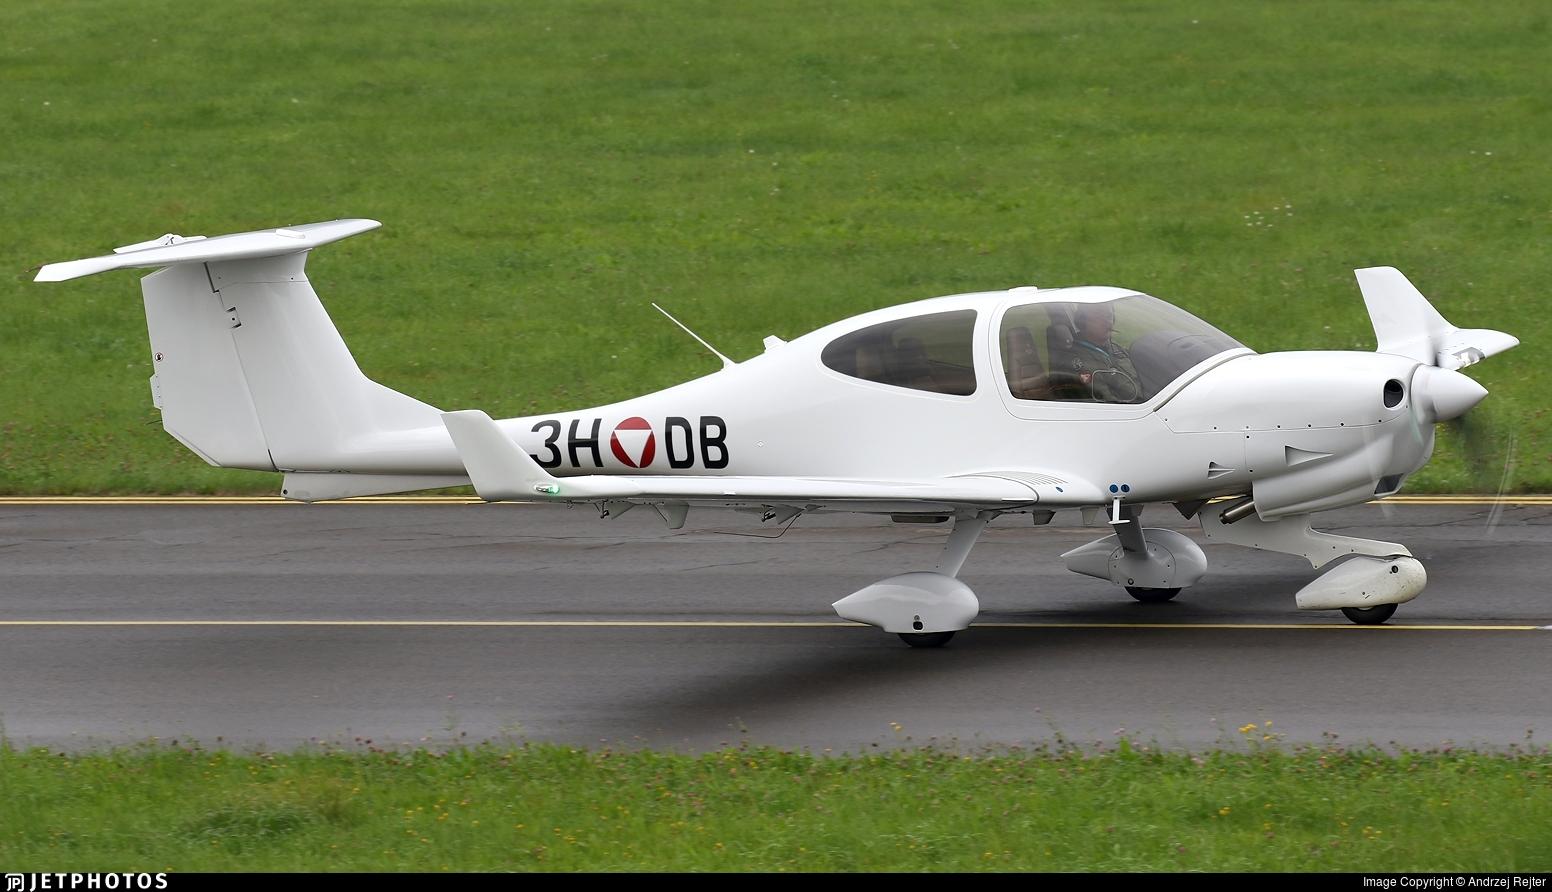 3H-DB - Diamond DA-40NG Diamond Star - Austria - Air Force